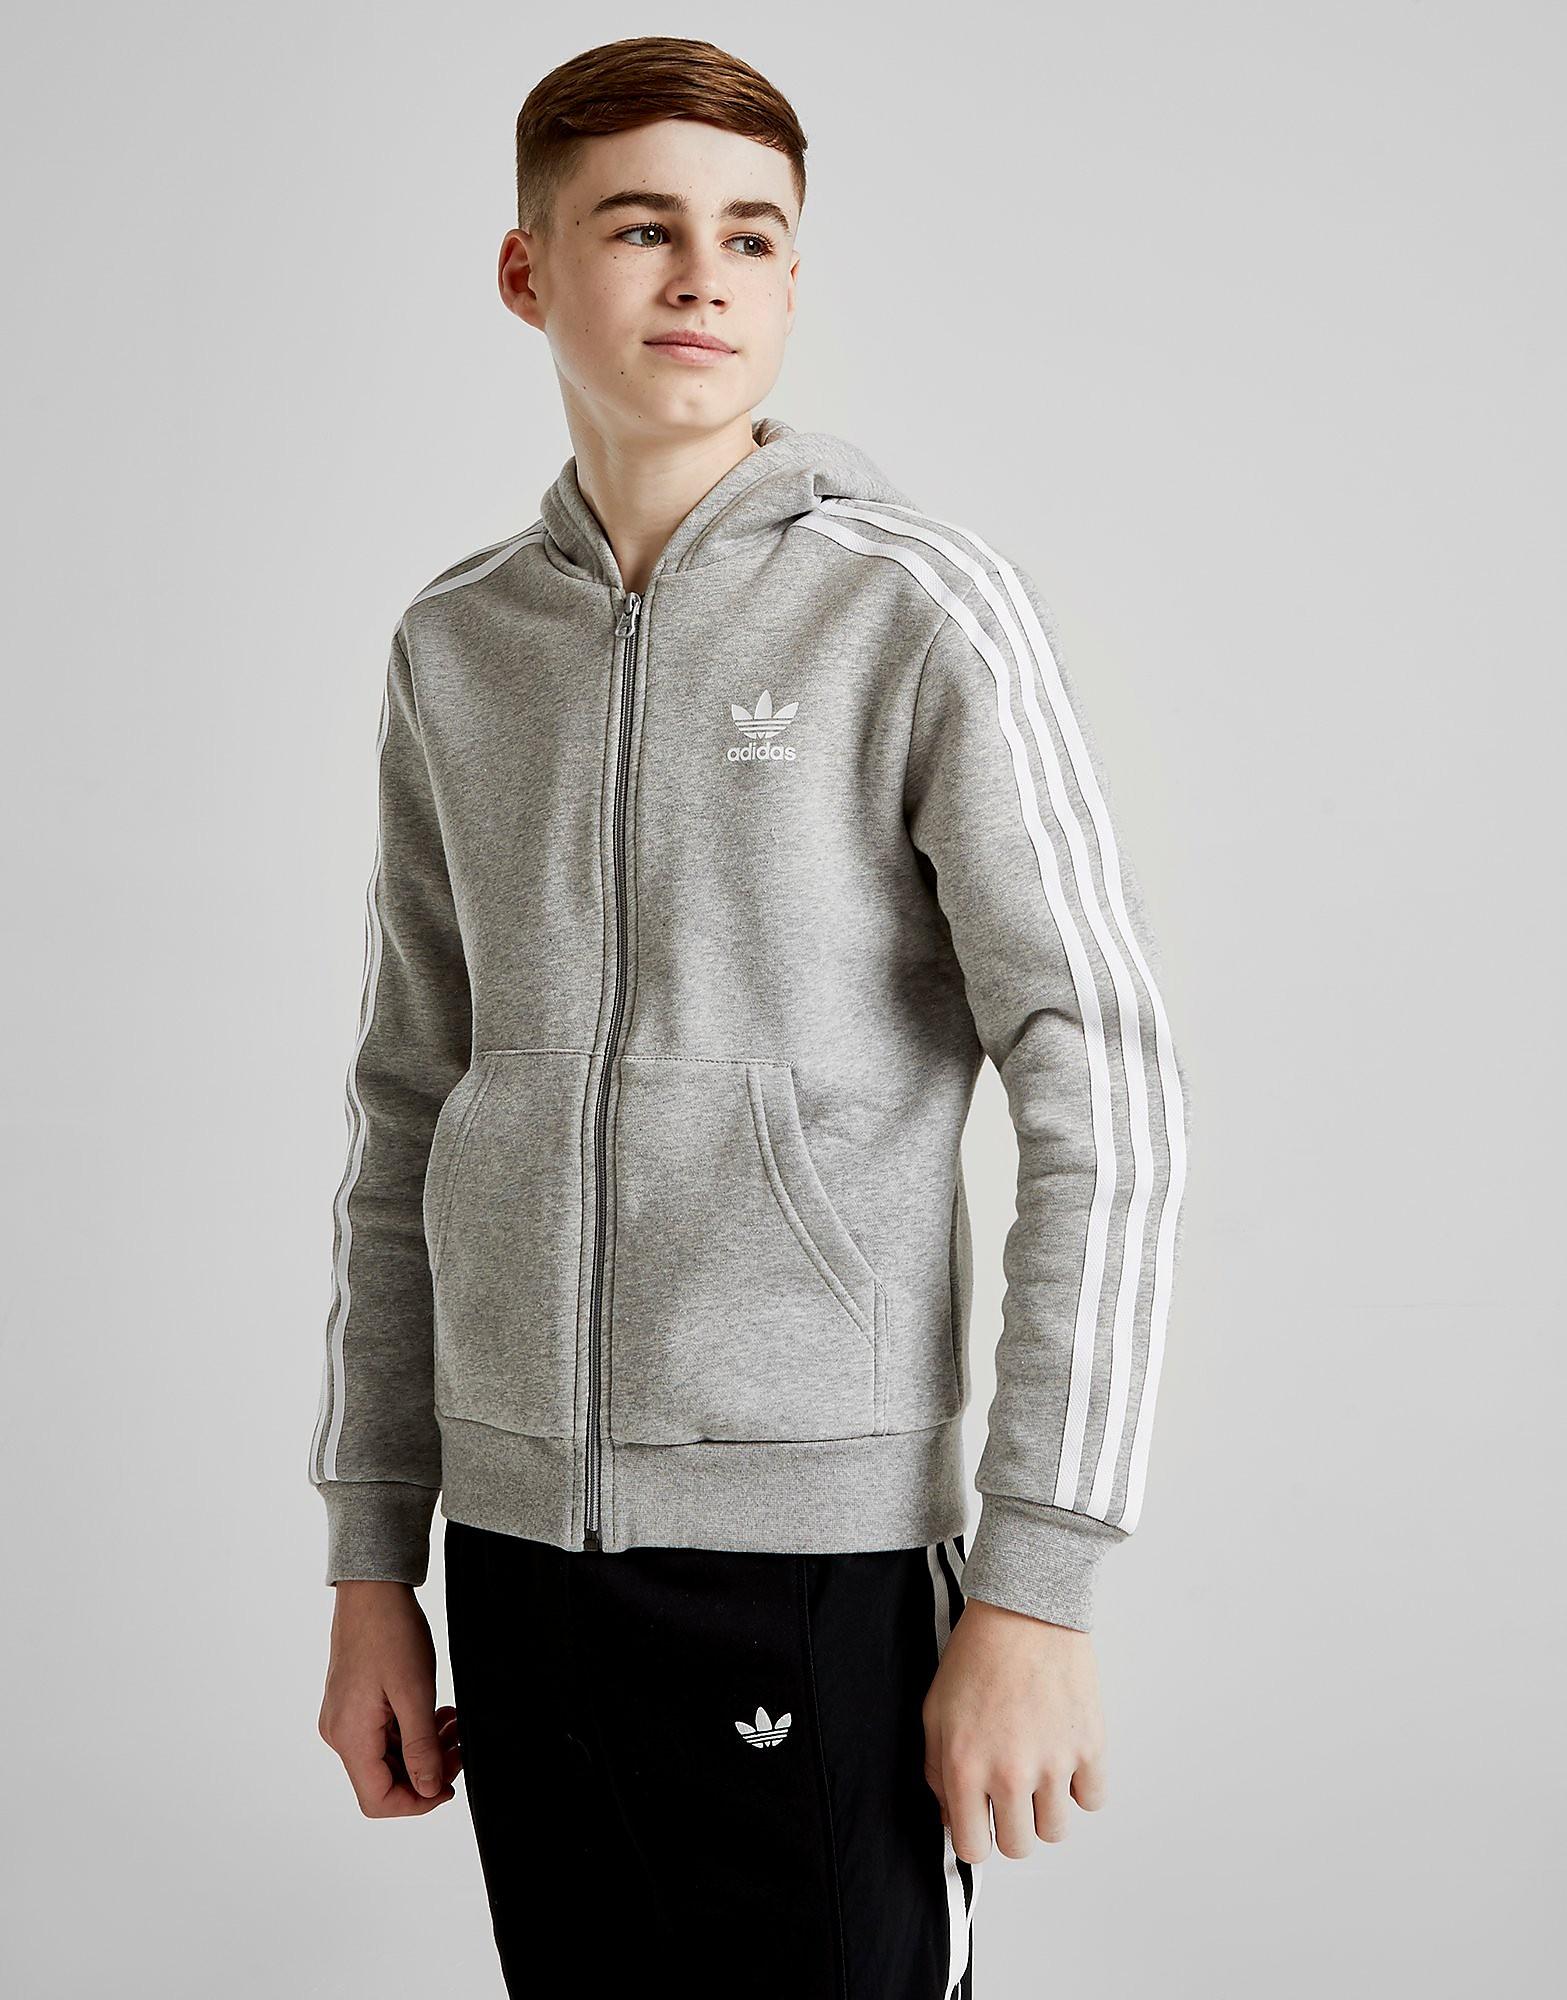 43baf01af7c adidas originals Adidas Originals Trefoil Full Zip Hoodie Junior Grijs Kind  adidas originals kopen in de aanbieding